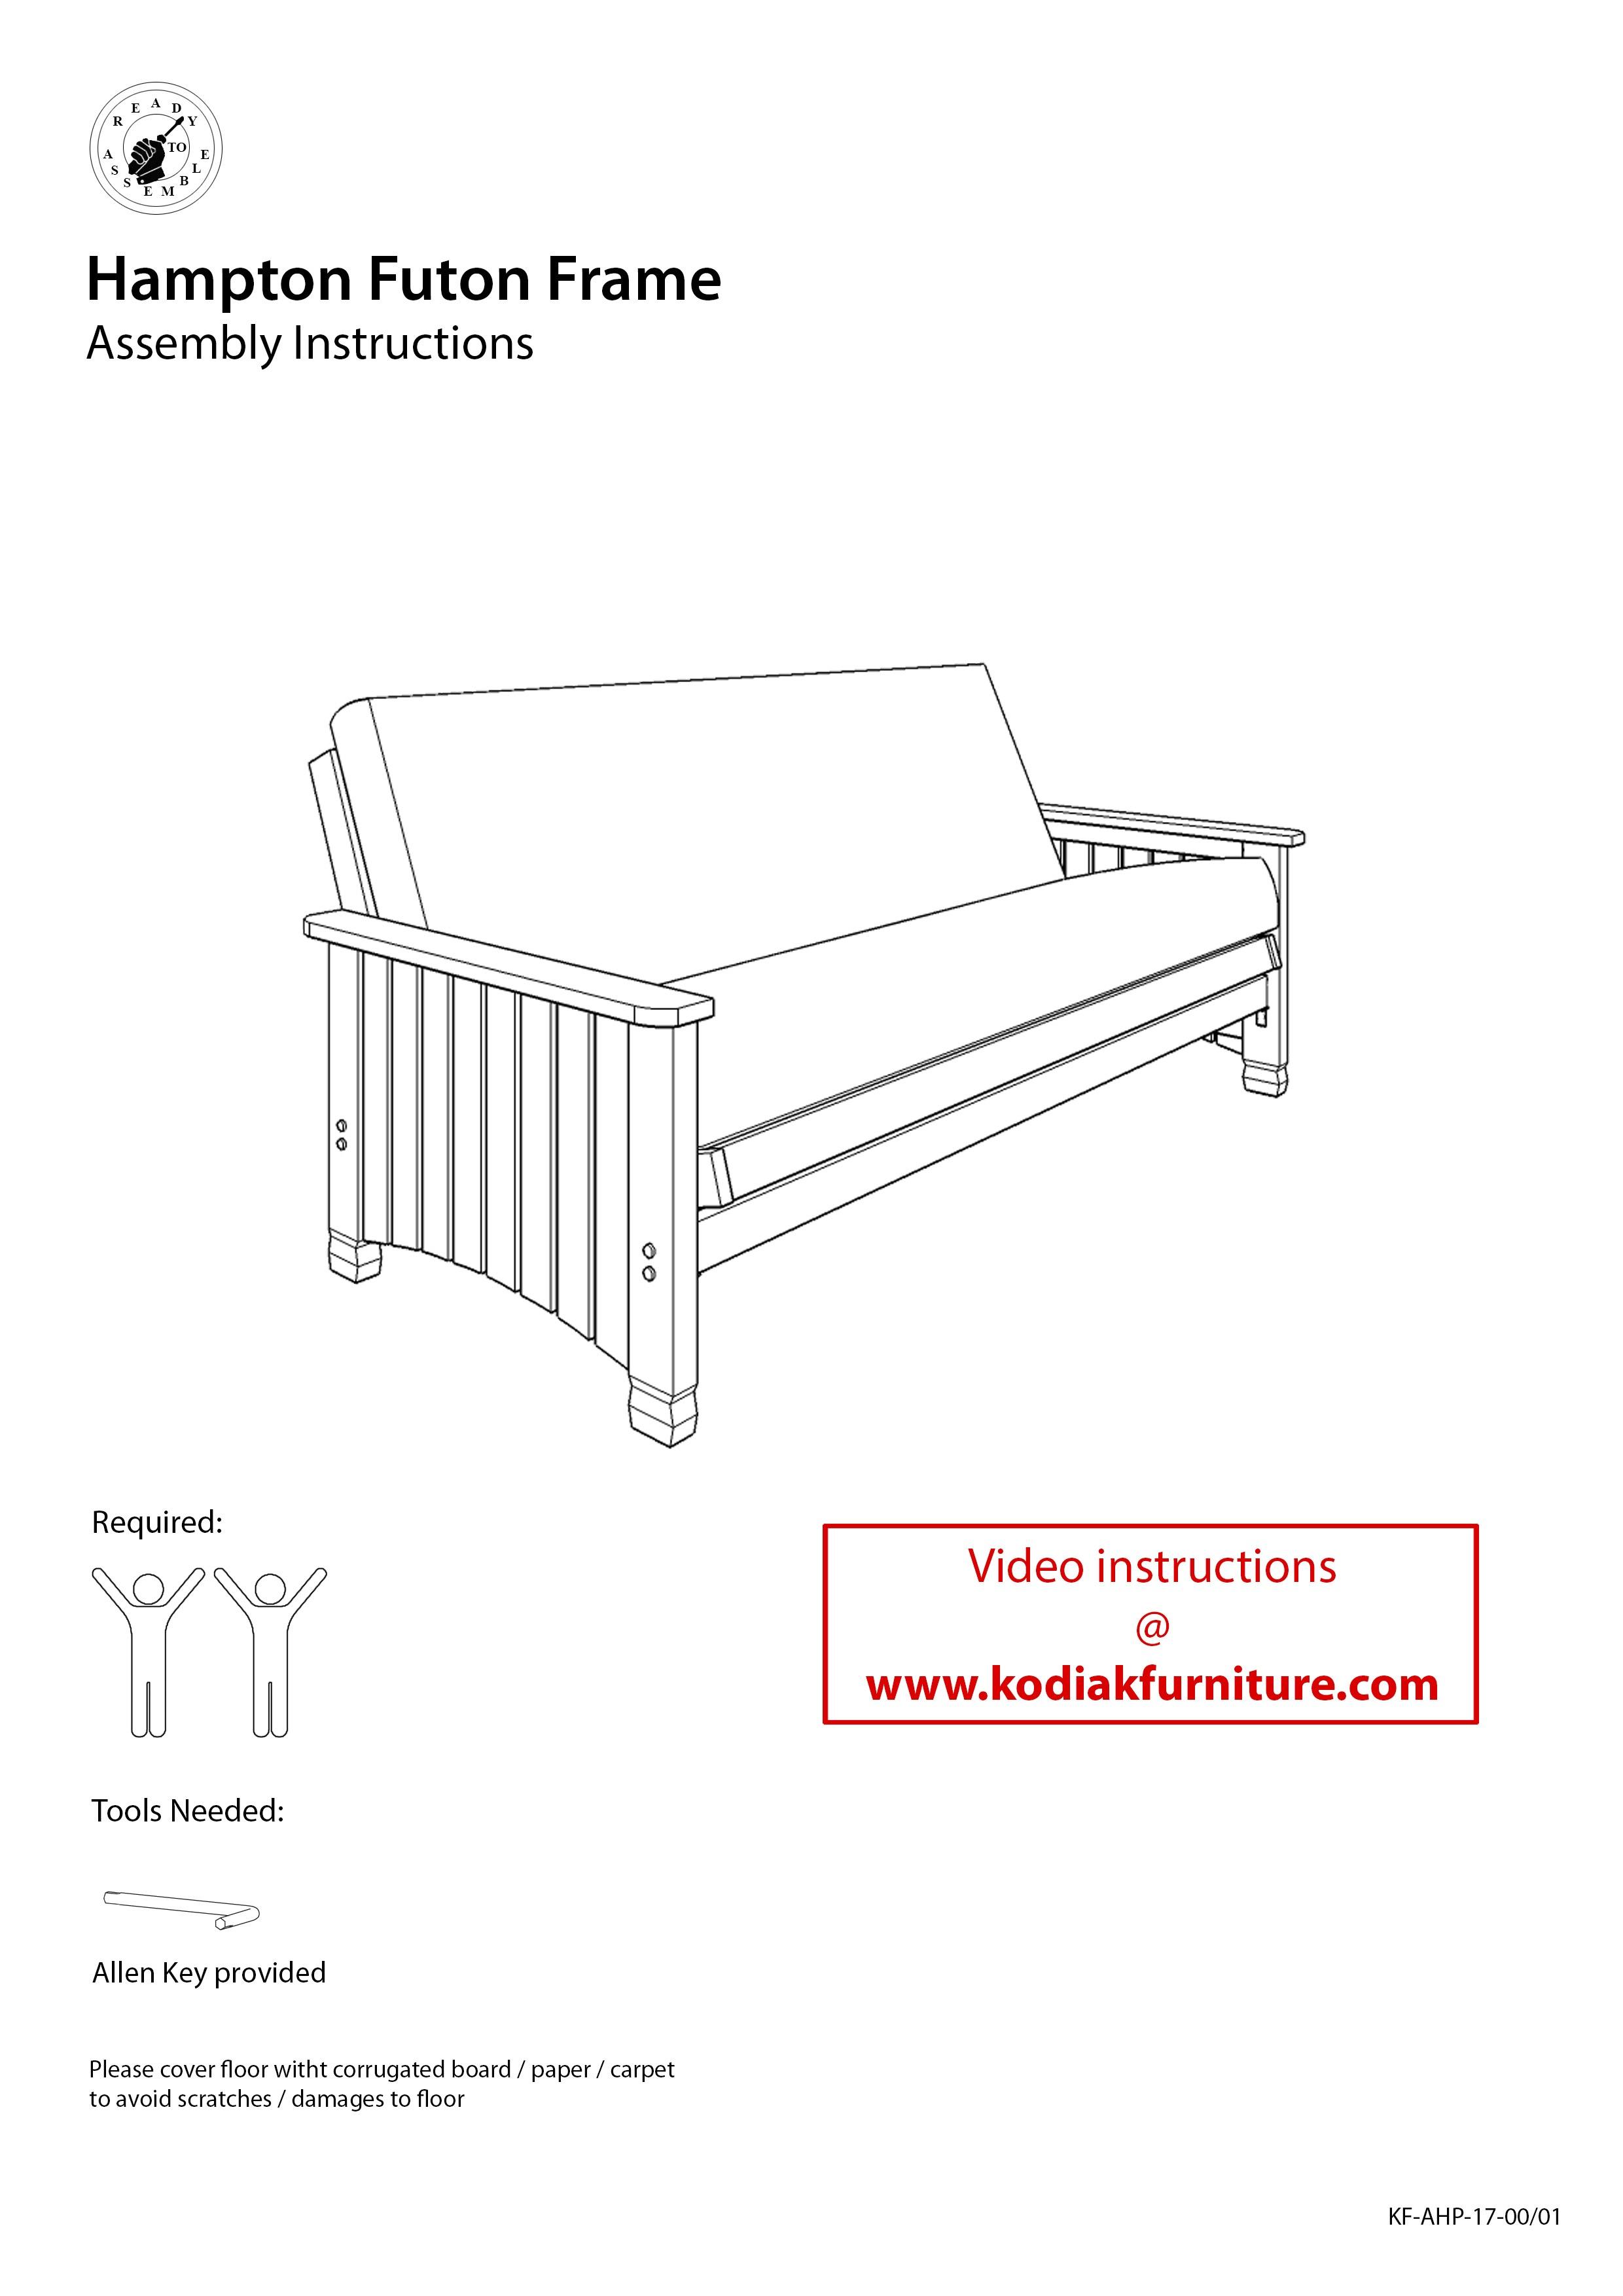 Hampton Full Futon Frame | Kodiak Furniture